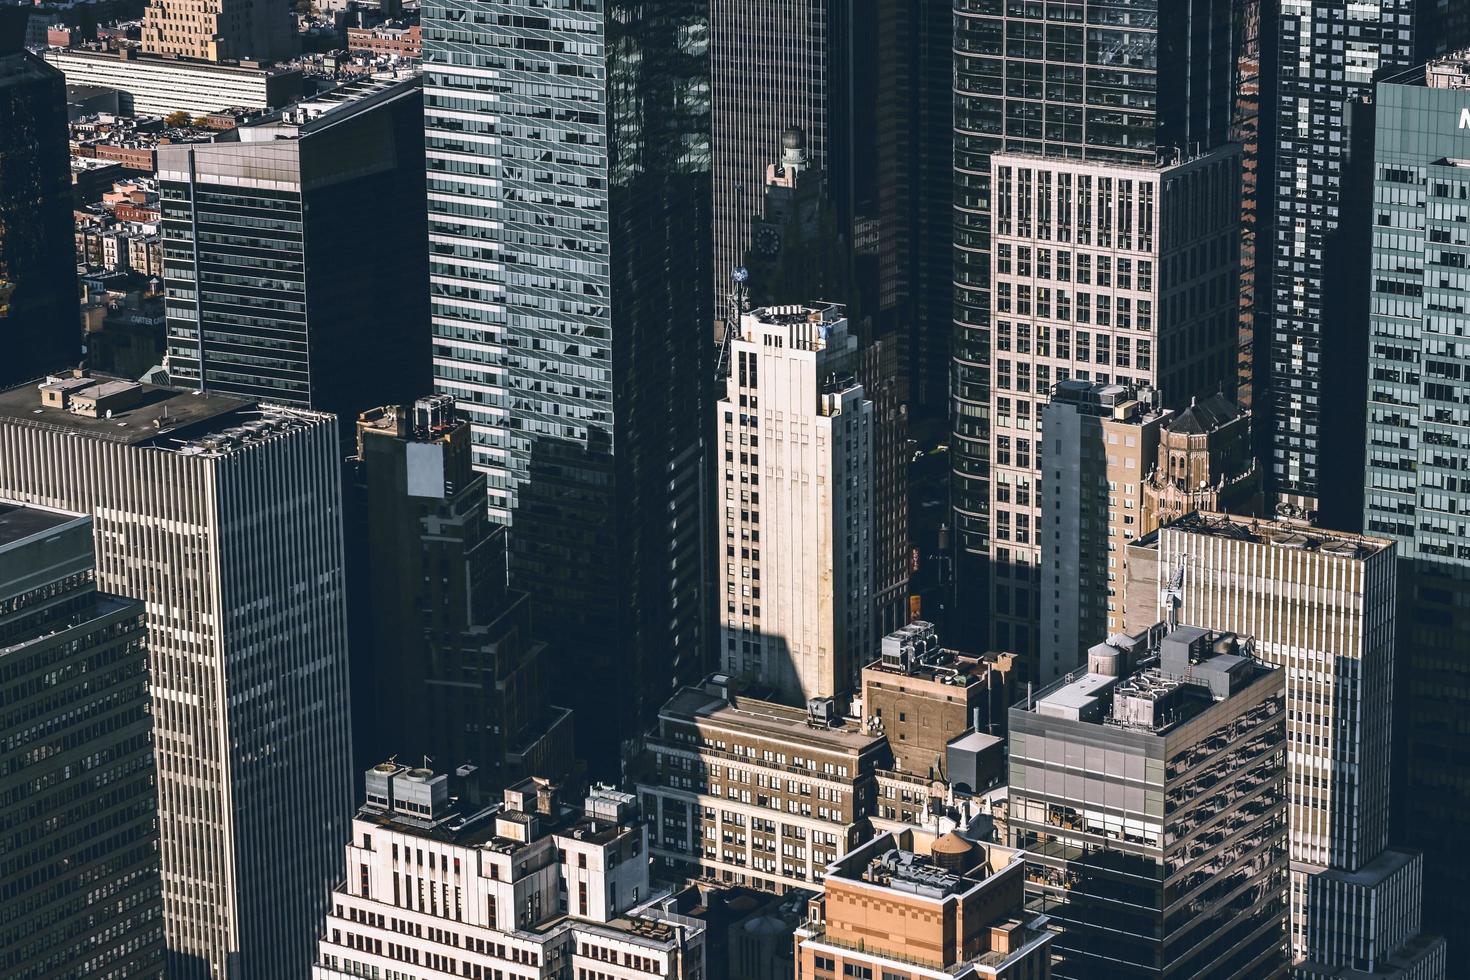 Stadt mit Hochhäusern foto